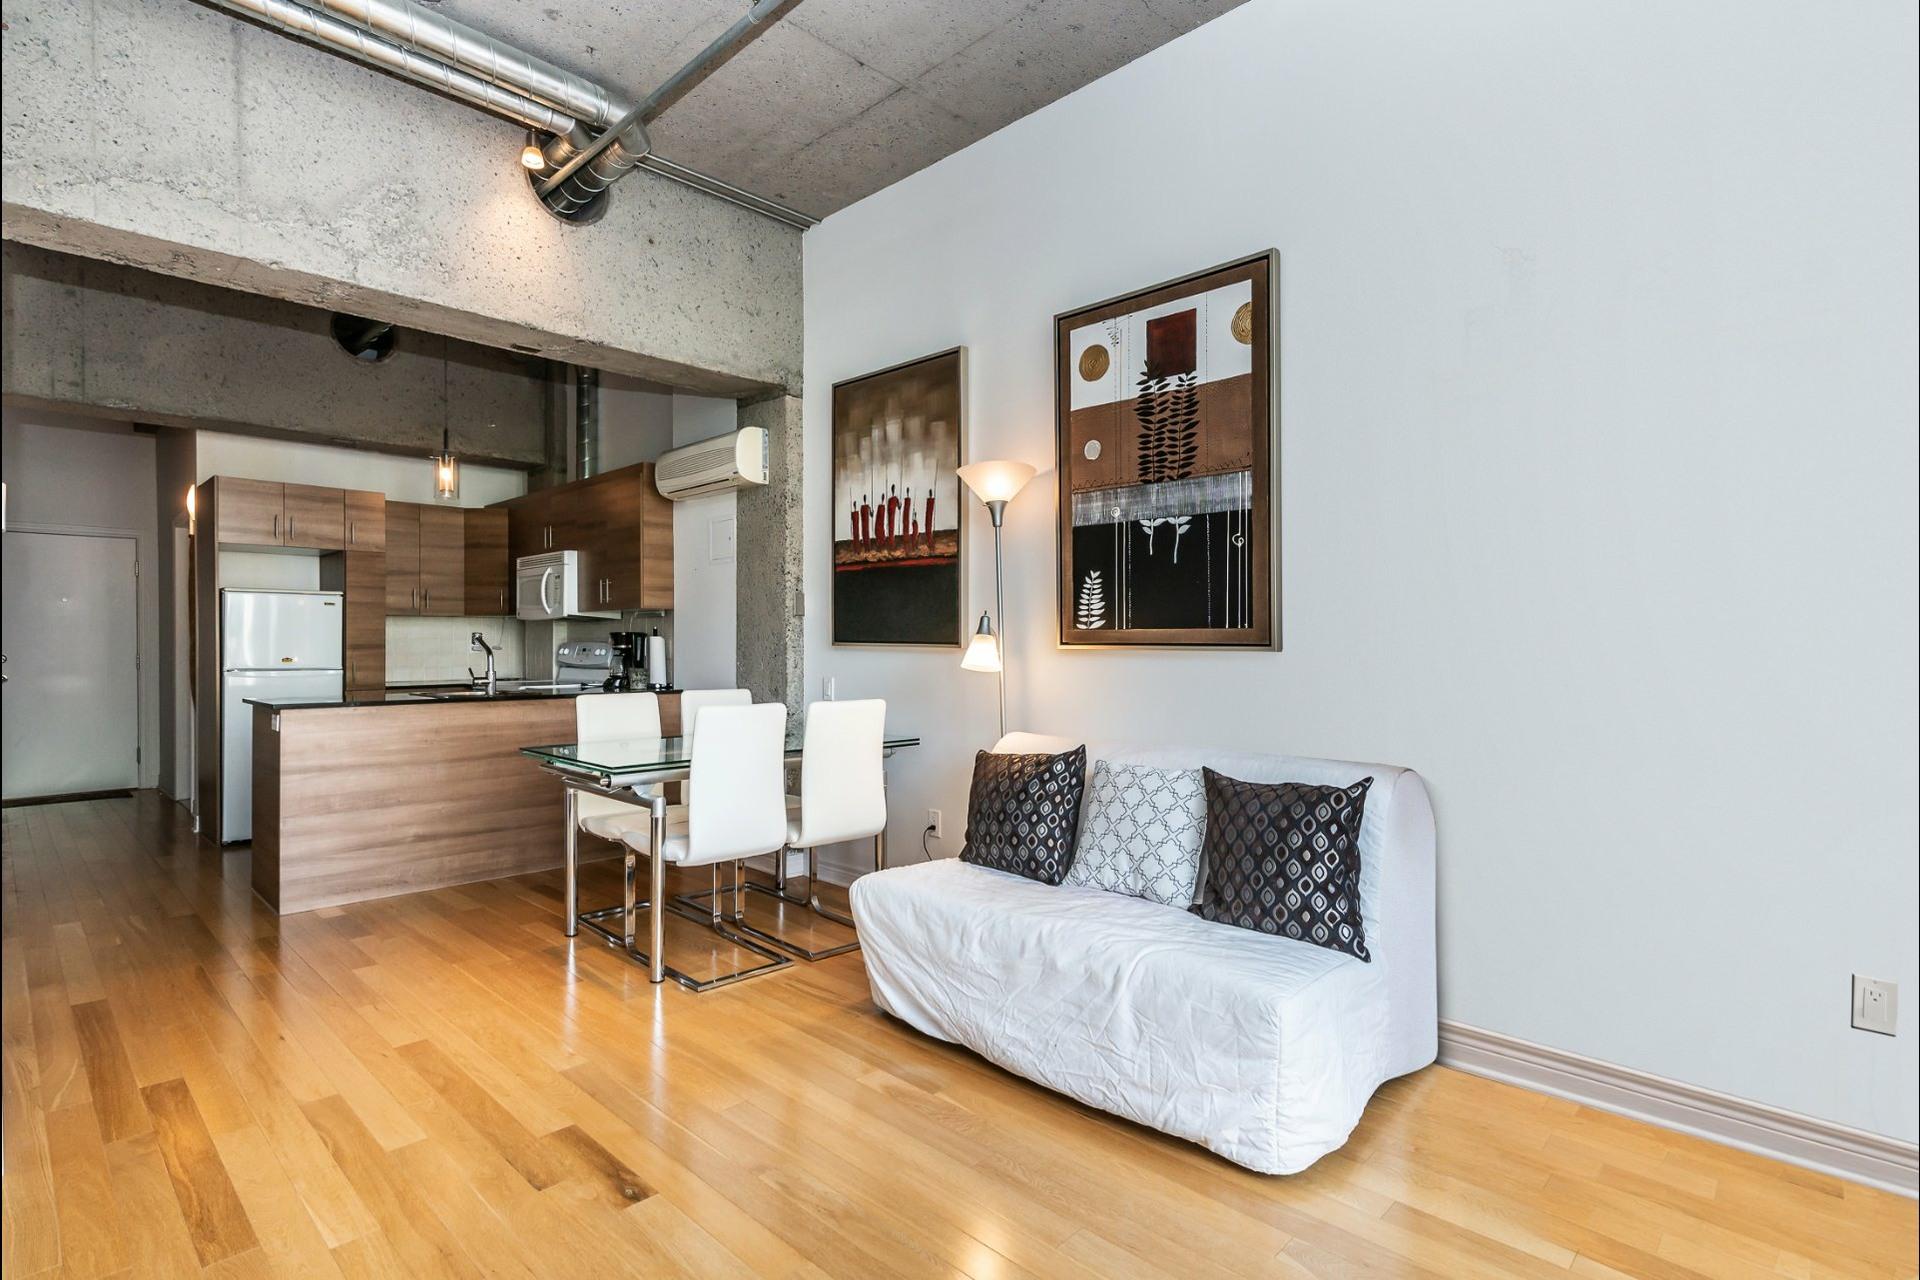 image 4 - Appartement À vendre Montréal Ville-Marie  - 4 pièces